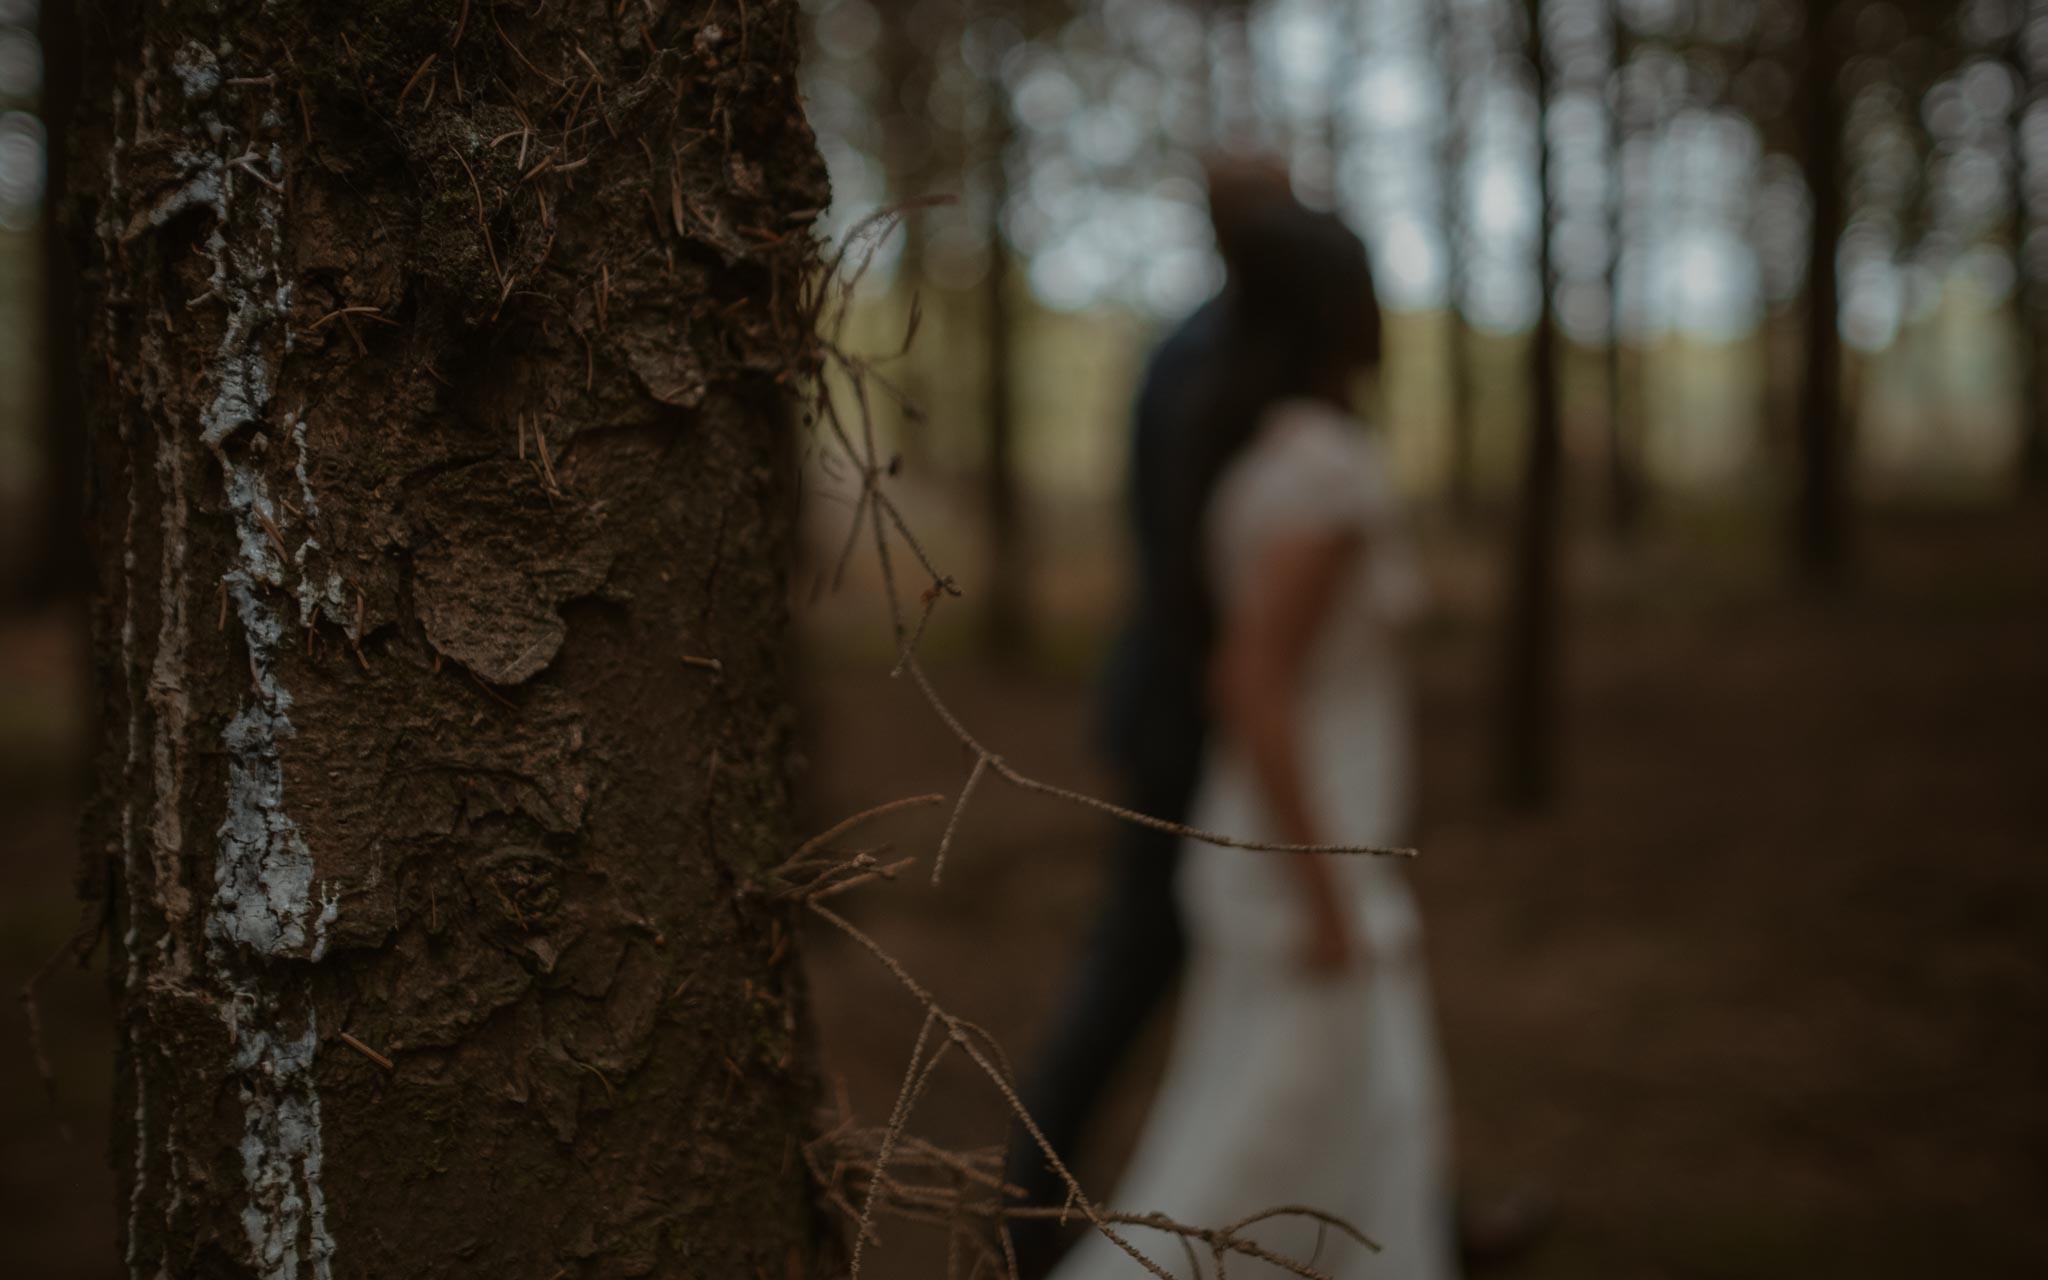 photo d'une séance de couple day-after romantique & onirique dans une forêt en vendée par Geoffrey Arnoldy photographe